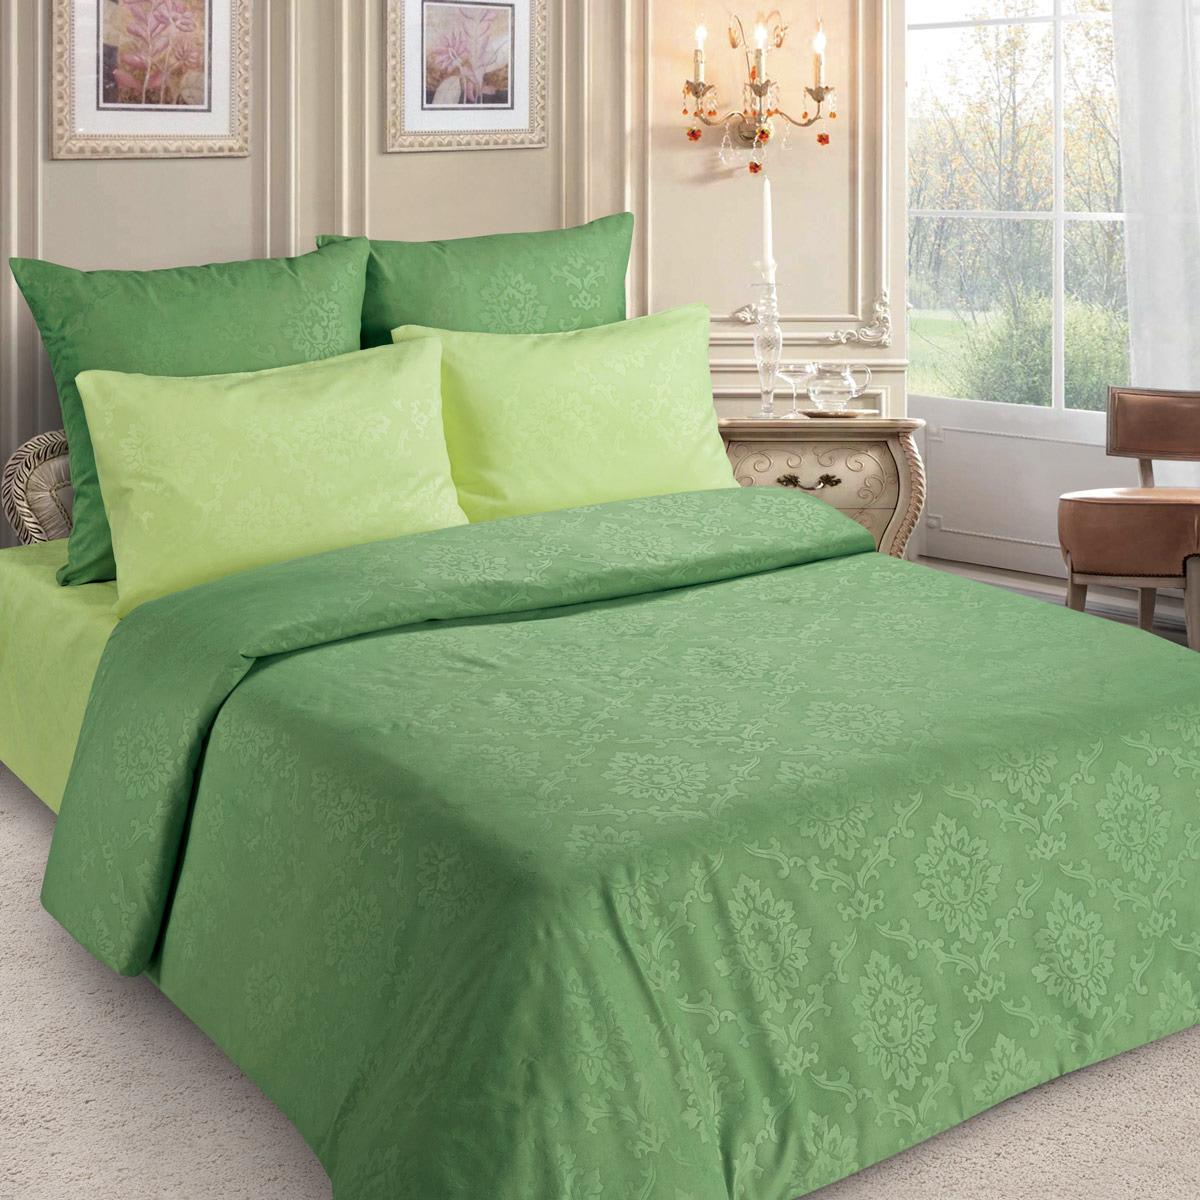 Комплект постельного белья Letto, PS133-3, зеленый, 1,5 спальный, наволочки 70x70